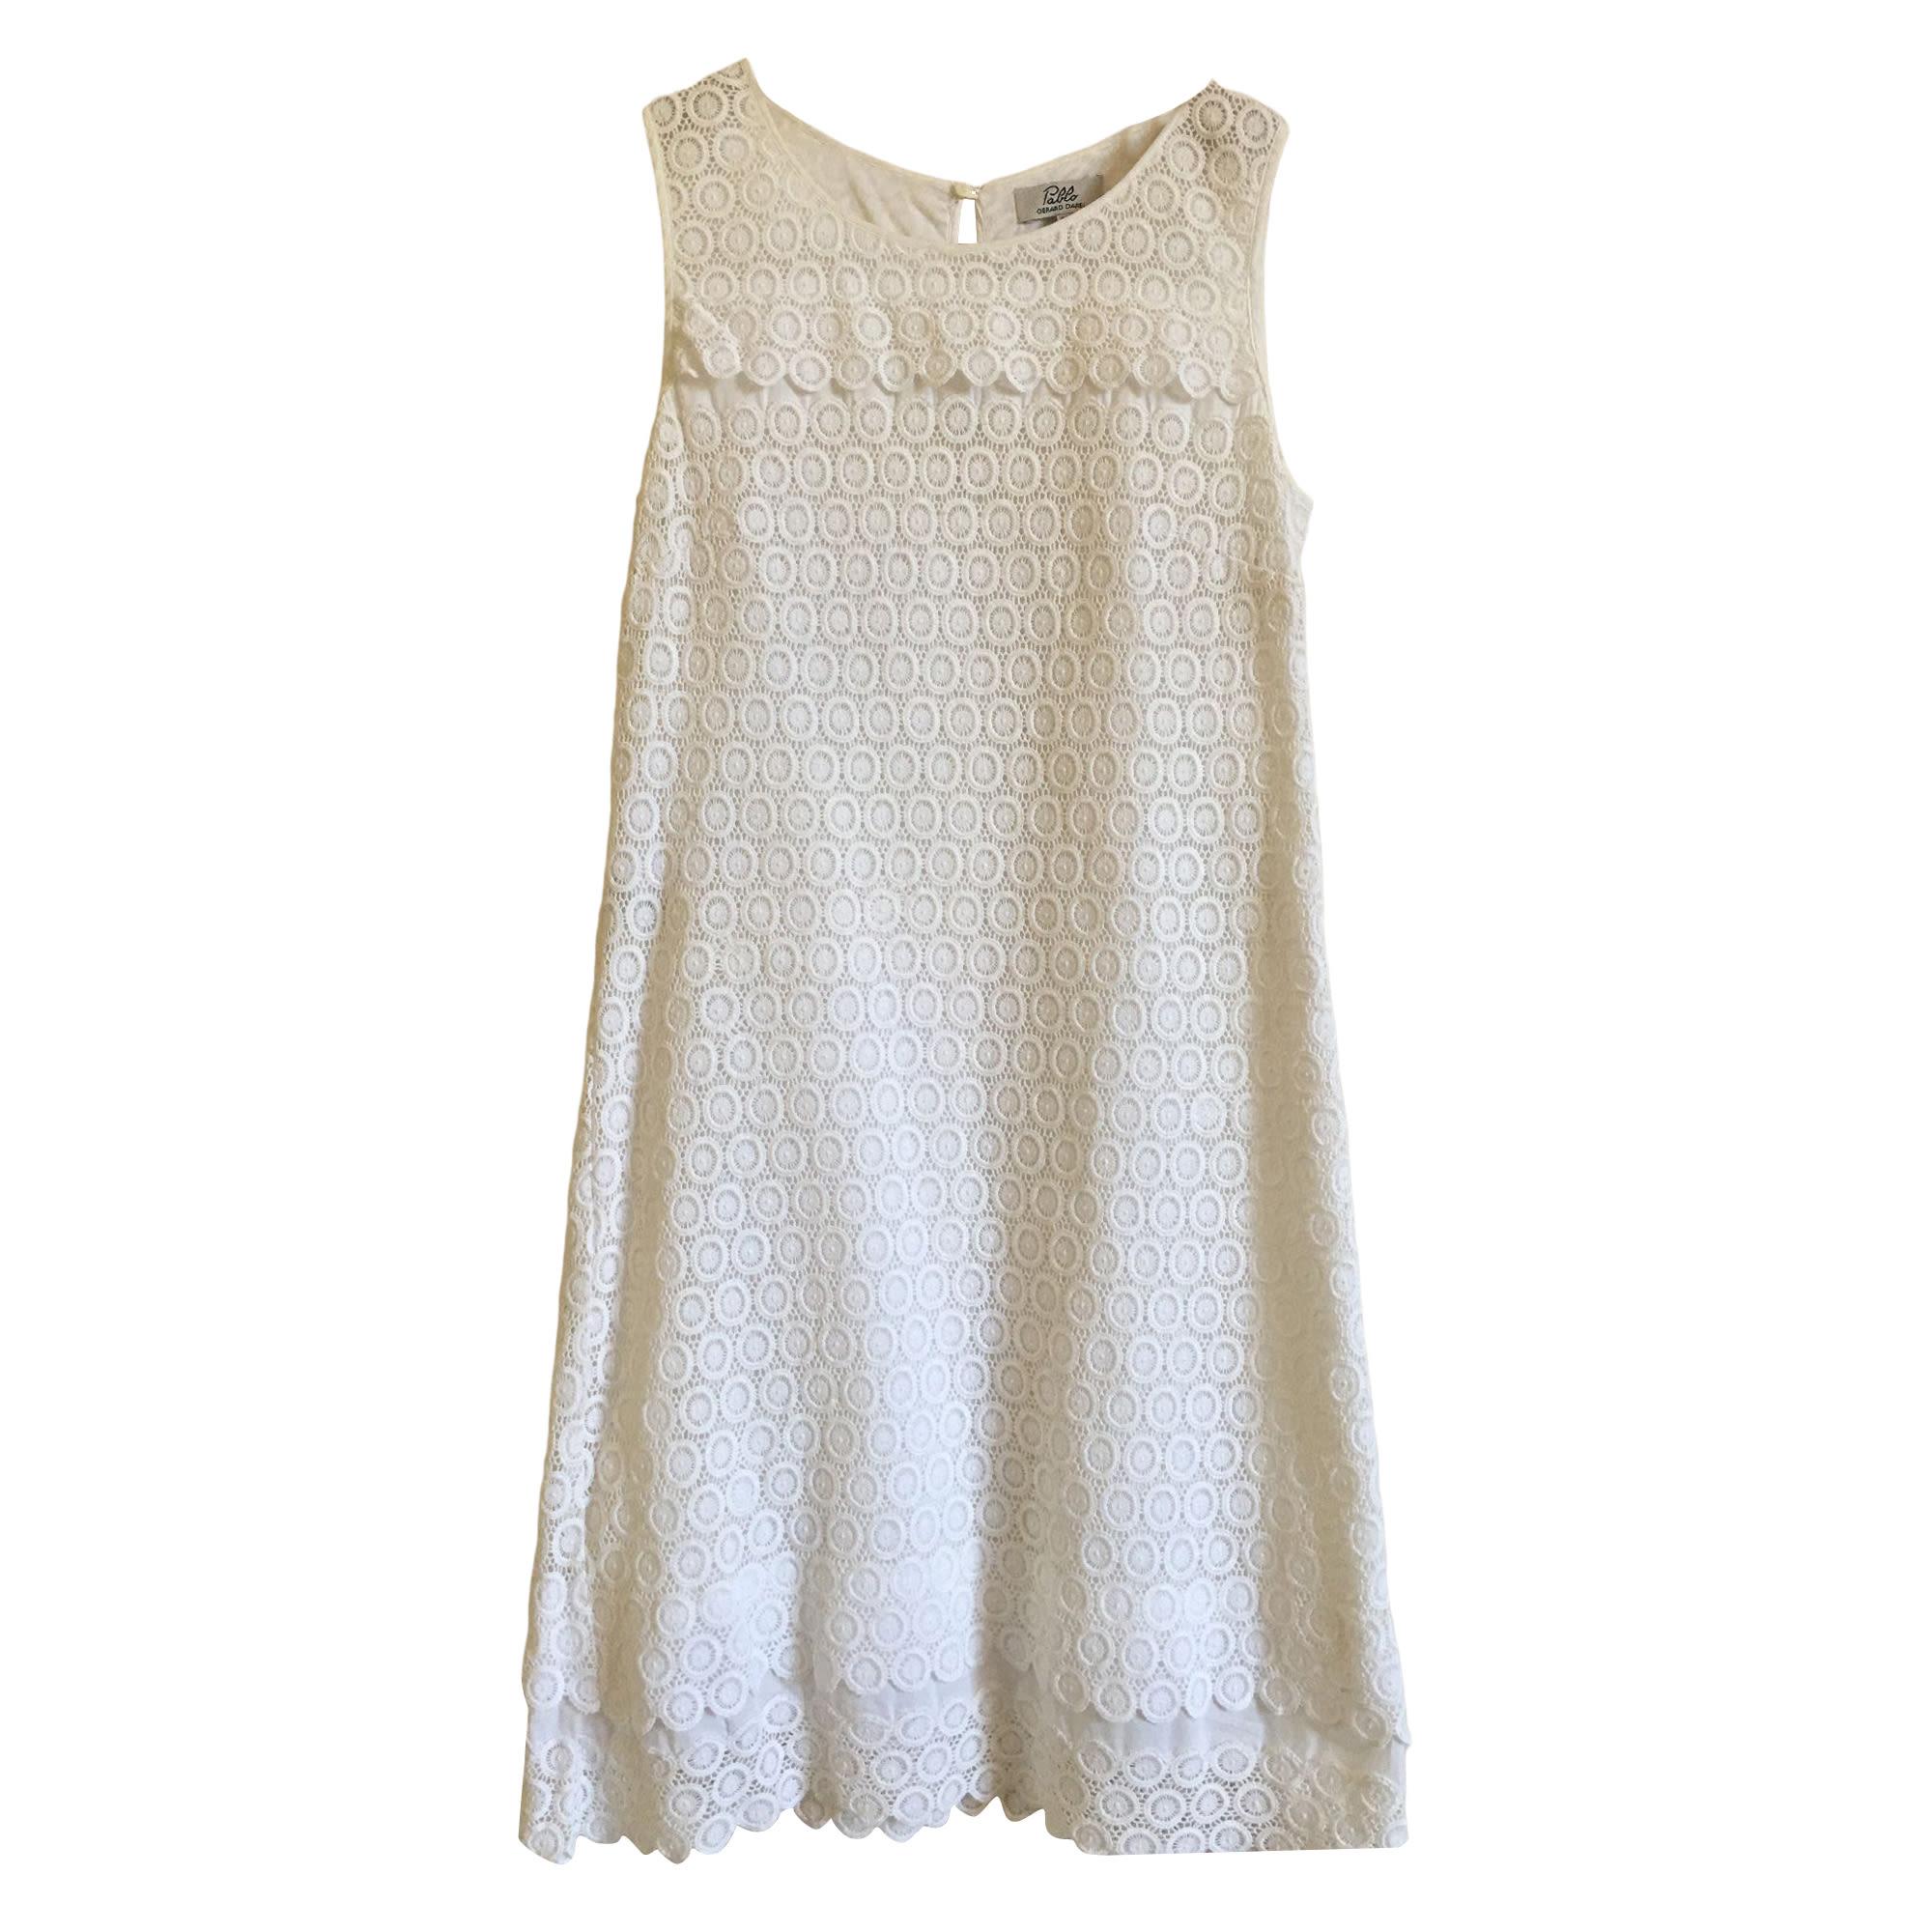 Robe courte PABLO PAR GÉRARD DAREL Blanc, blanc cassé, écru